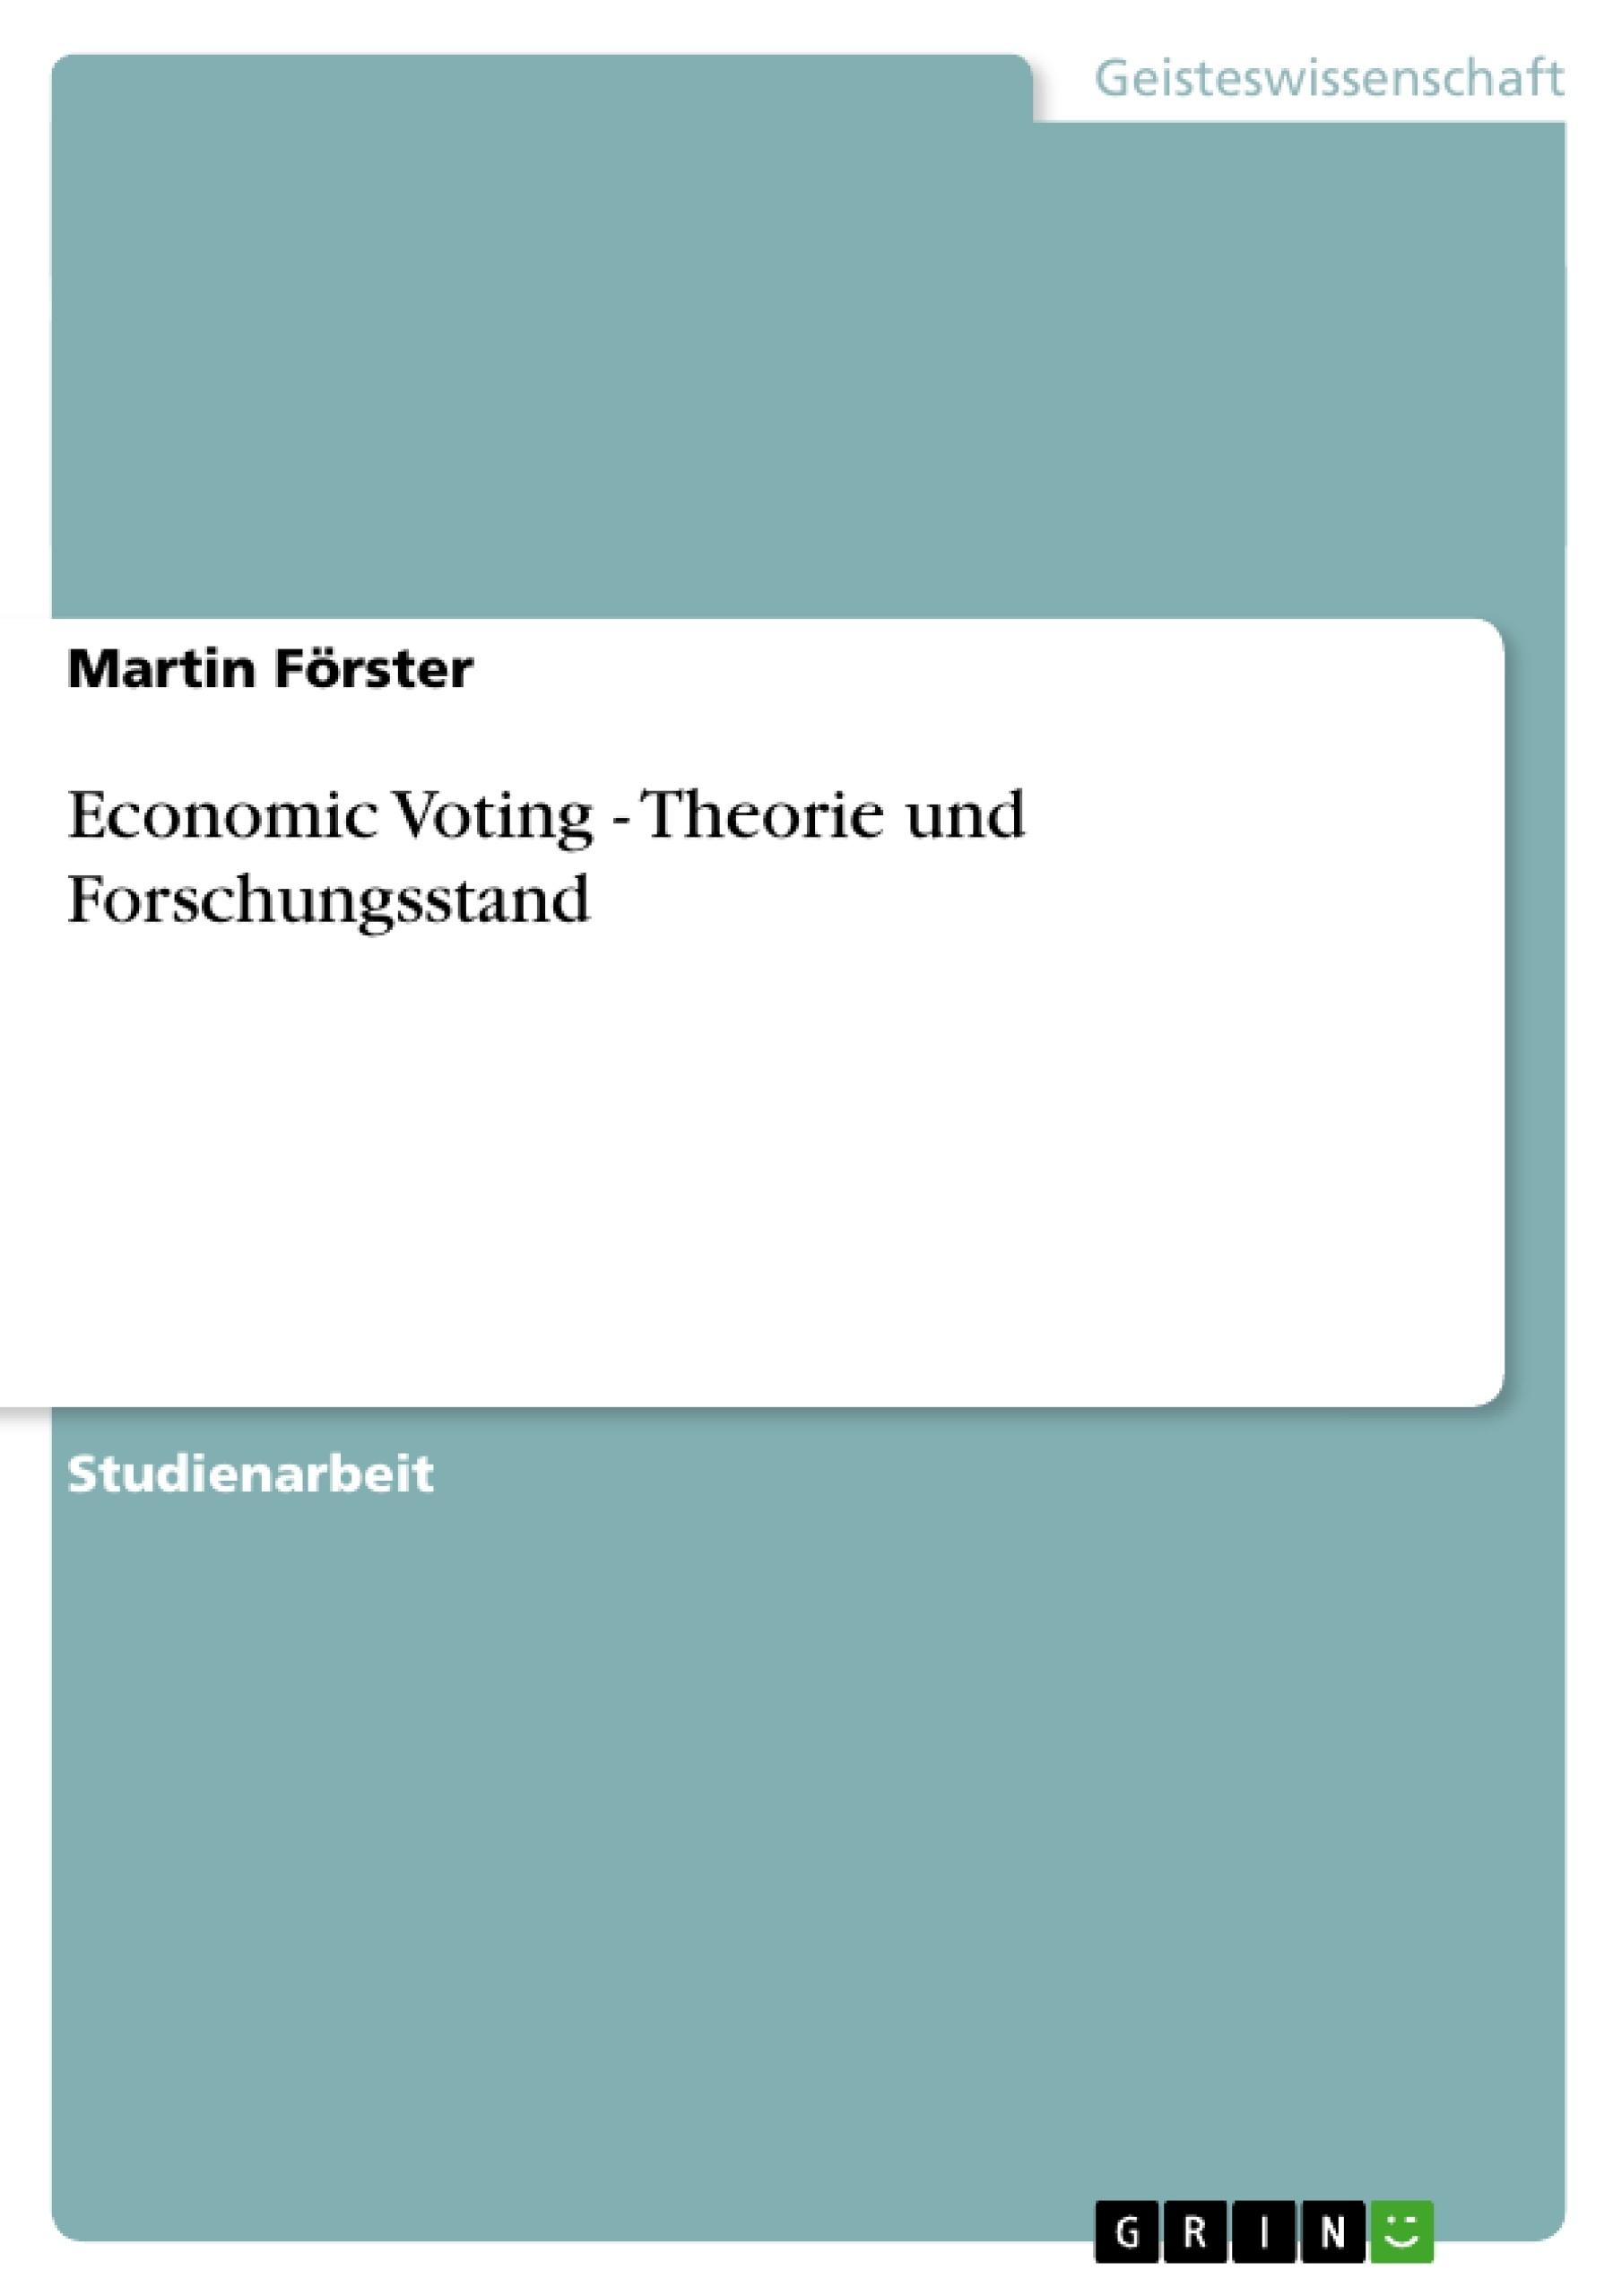 Titel: Economic Voting - Theorie und Forschungsstand